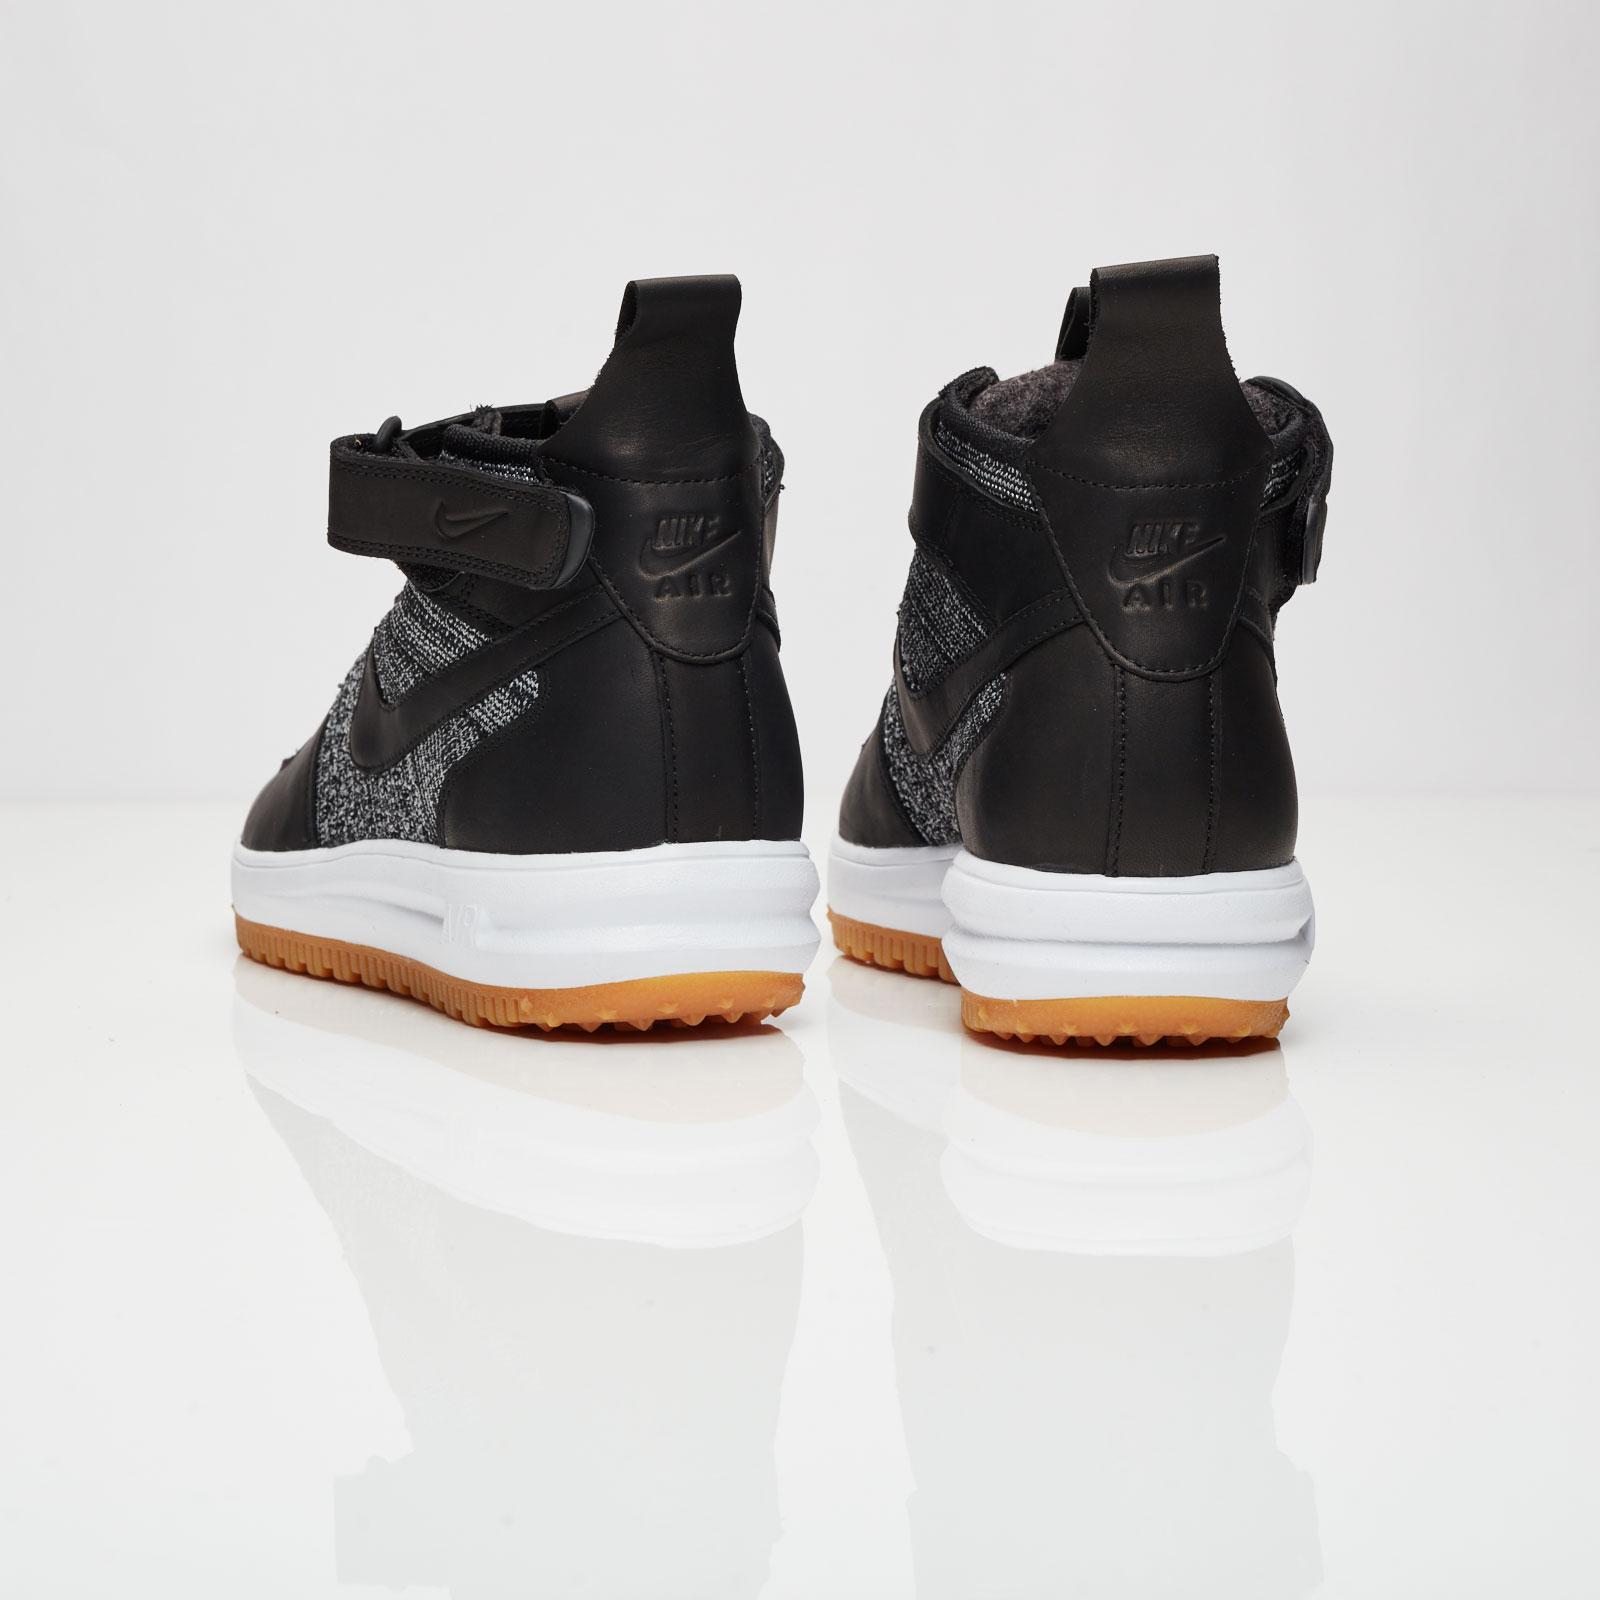 the latest 8b5cb d98d1 Nike Lunar Force 1 Flyknit Workboot - 855984-001 - Sneakersnstuff   sneakers    streetwear online since 1999